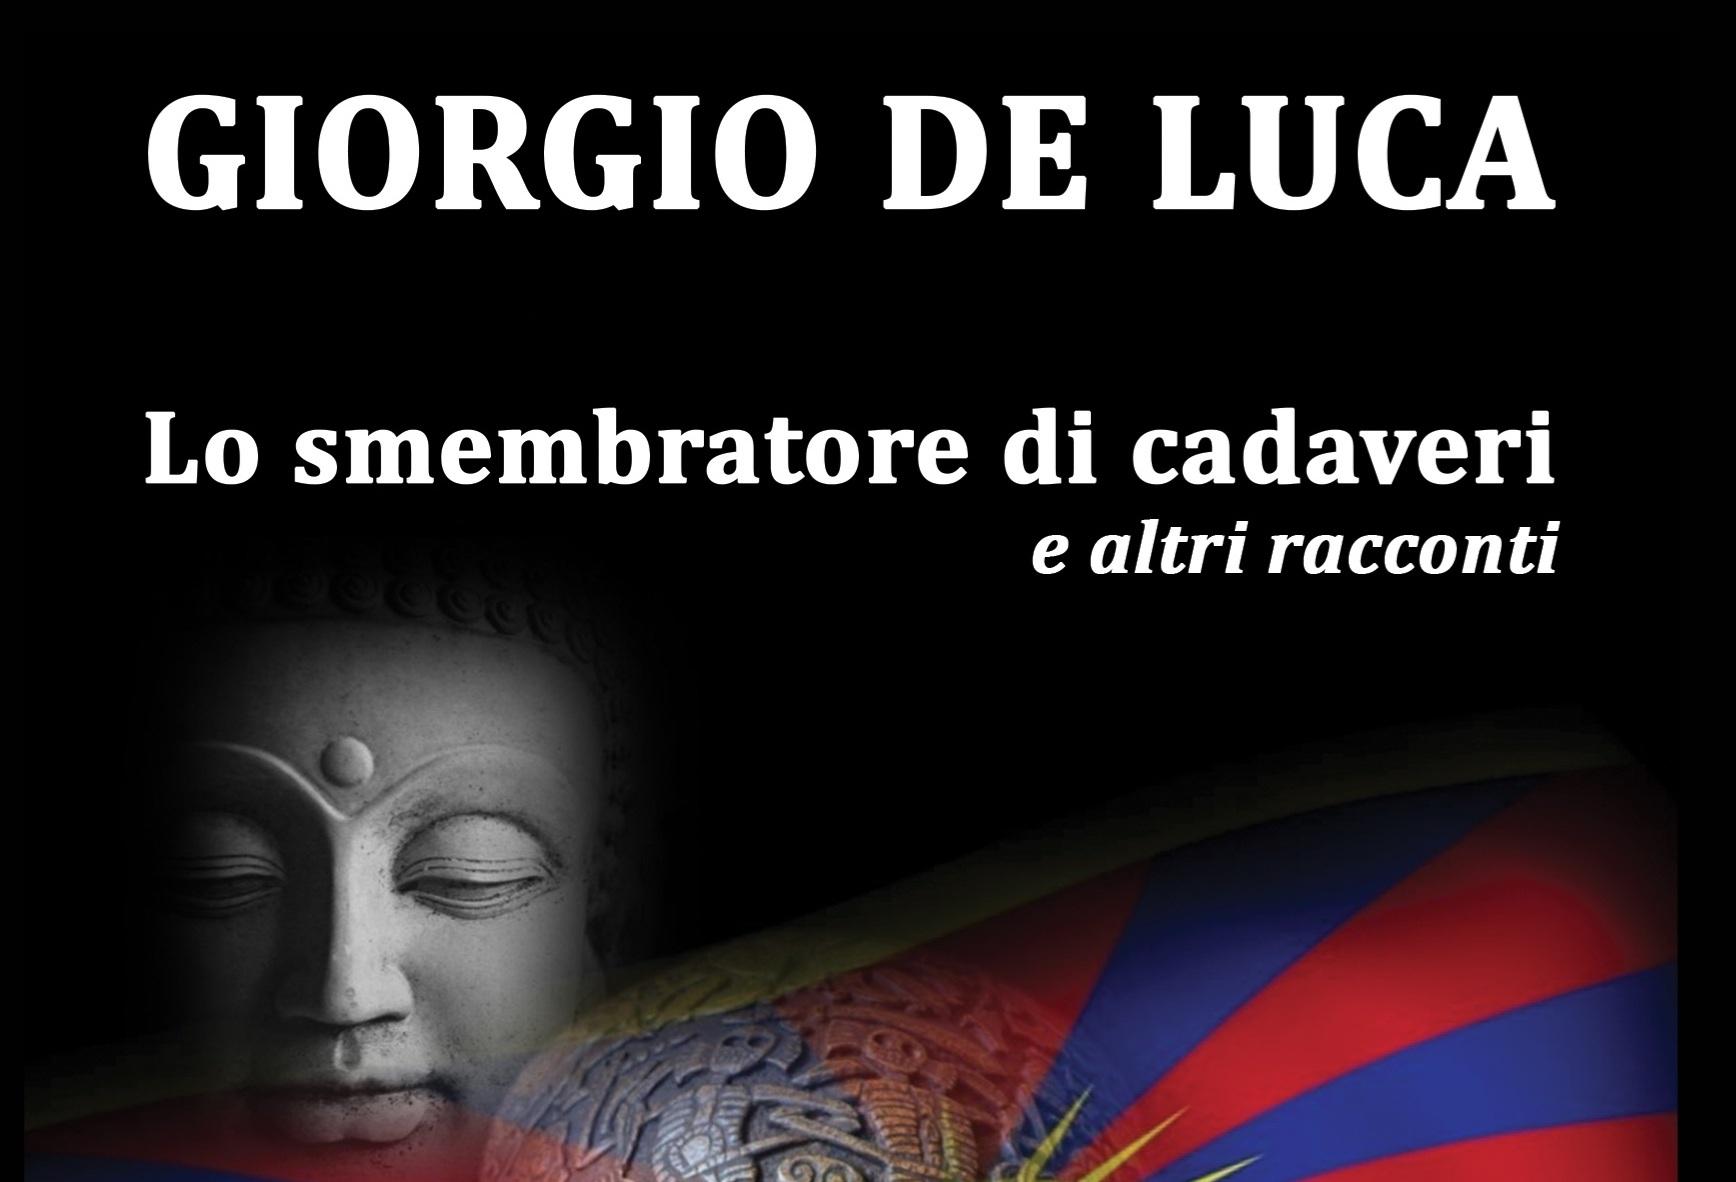 """""""Lo smembratore di Cadaveri"""" dalla penna del Prof. Giorgio De Luca"""